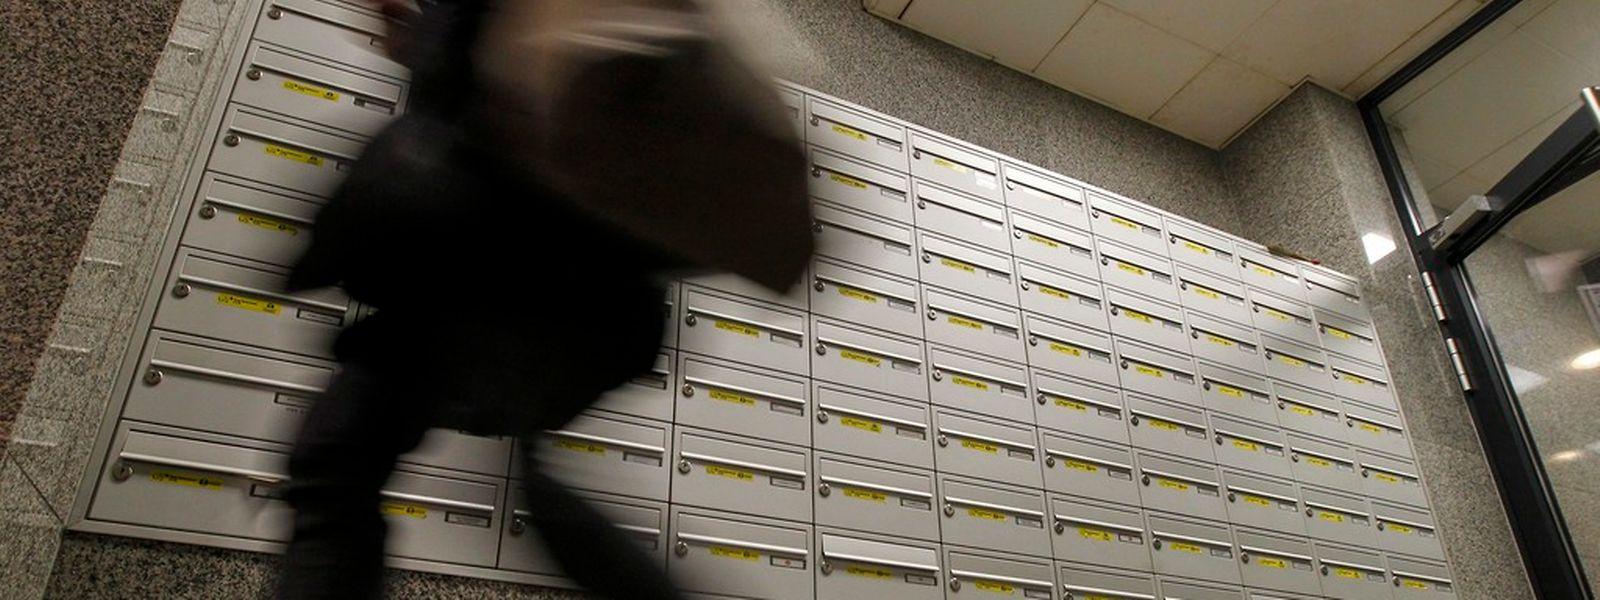 Briefkastenfirmen in Luxemburg gerieten zuletzt im Zuge der Luxleaks-Affäre in den Fokus. Künftig soll das Image des Großherzogtums nicht nur auf den Finanzplatz beschränkt sein.